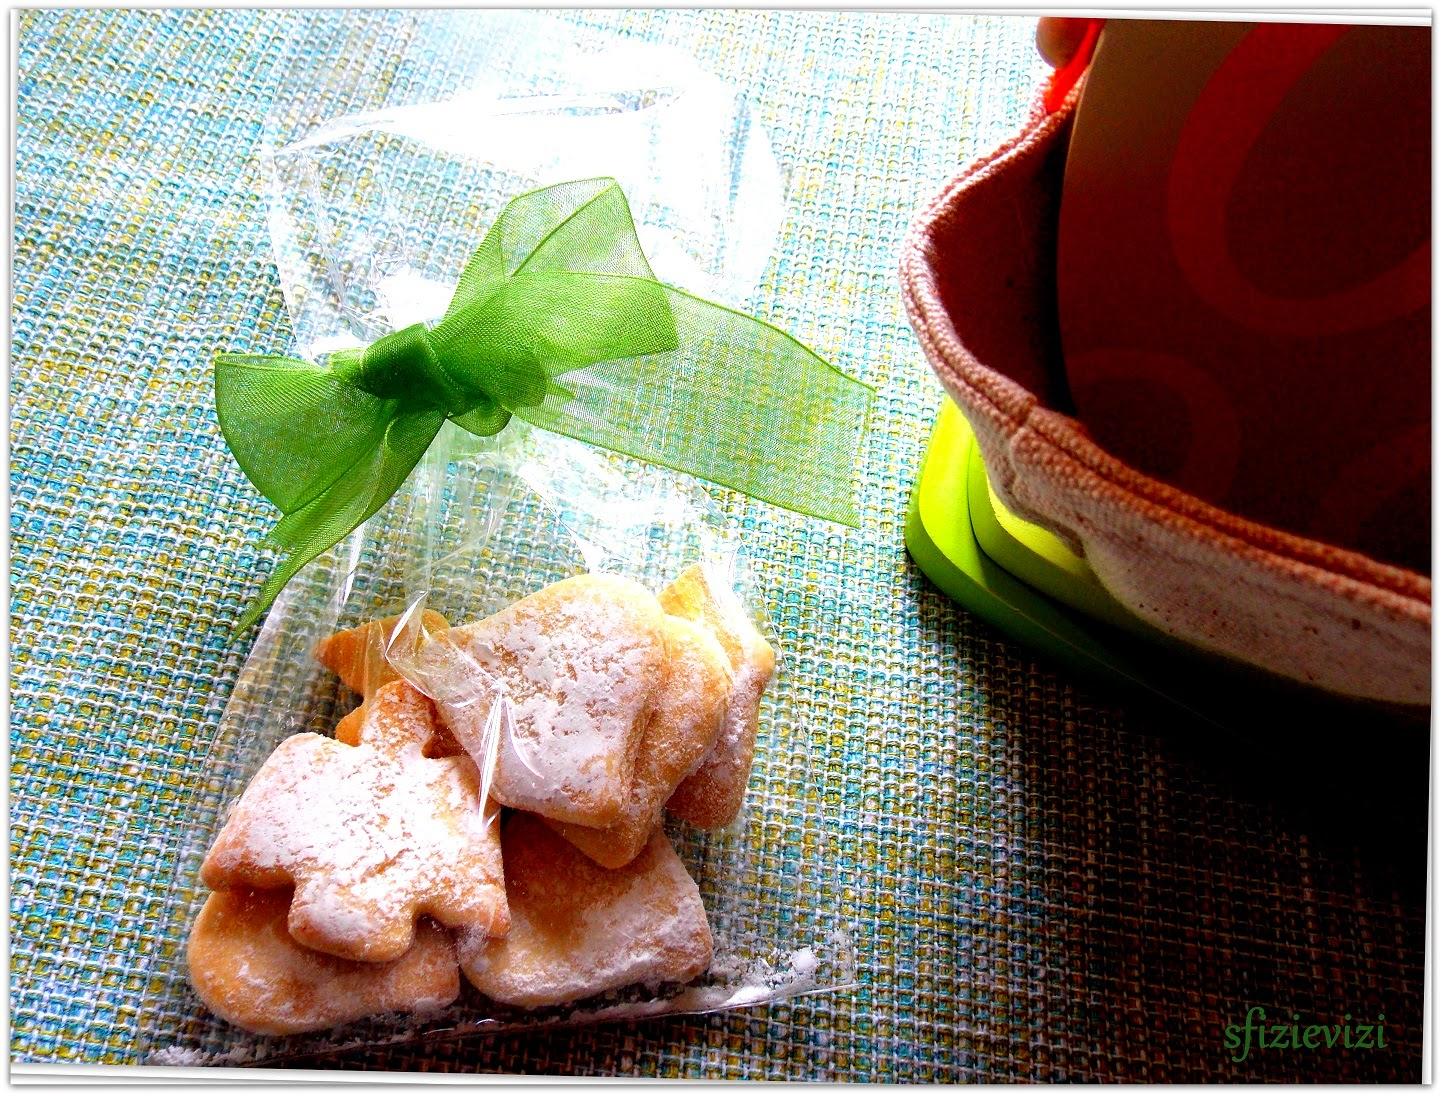 biscotti friabilissimi (ricetta con amido e senza latticini) a tema pasquale  e un'idea  per pasqua